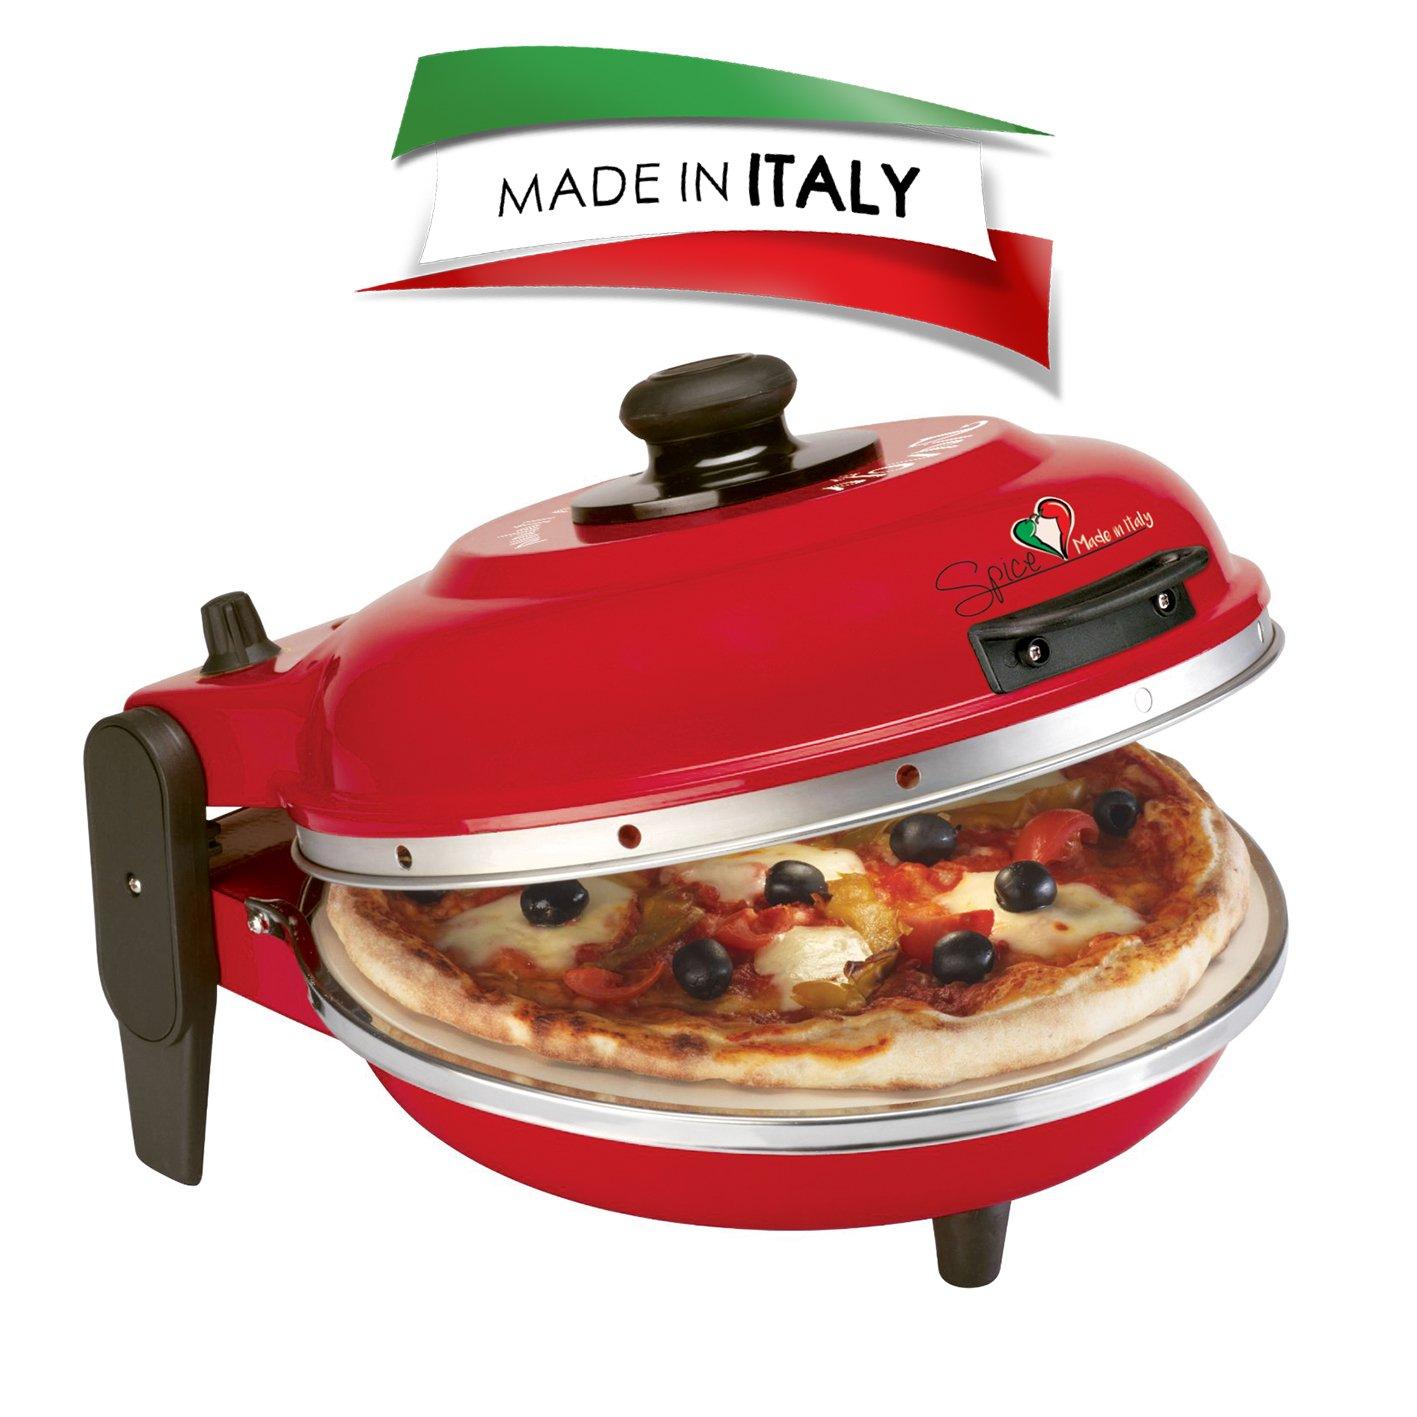 'Spice de pizza Italia